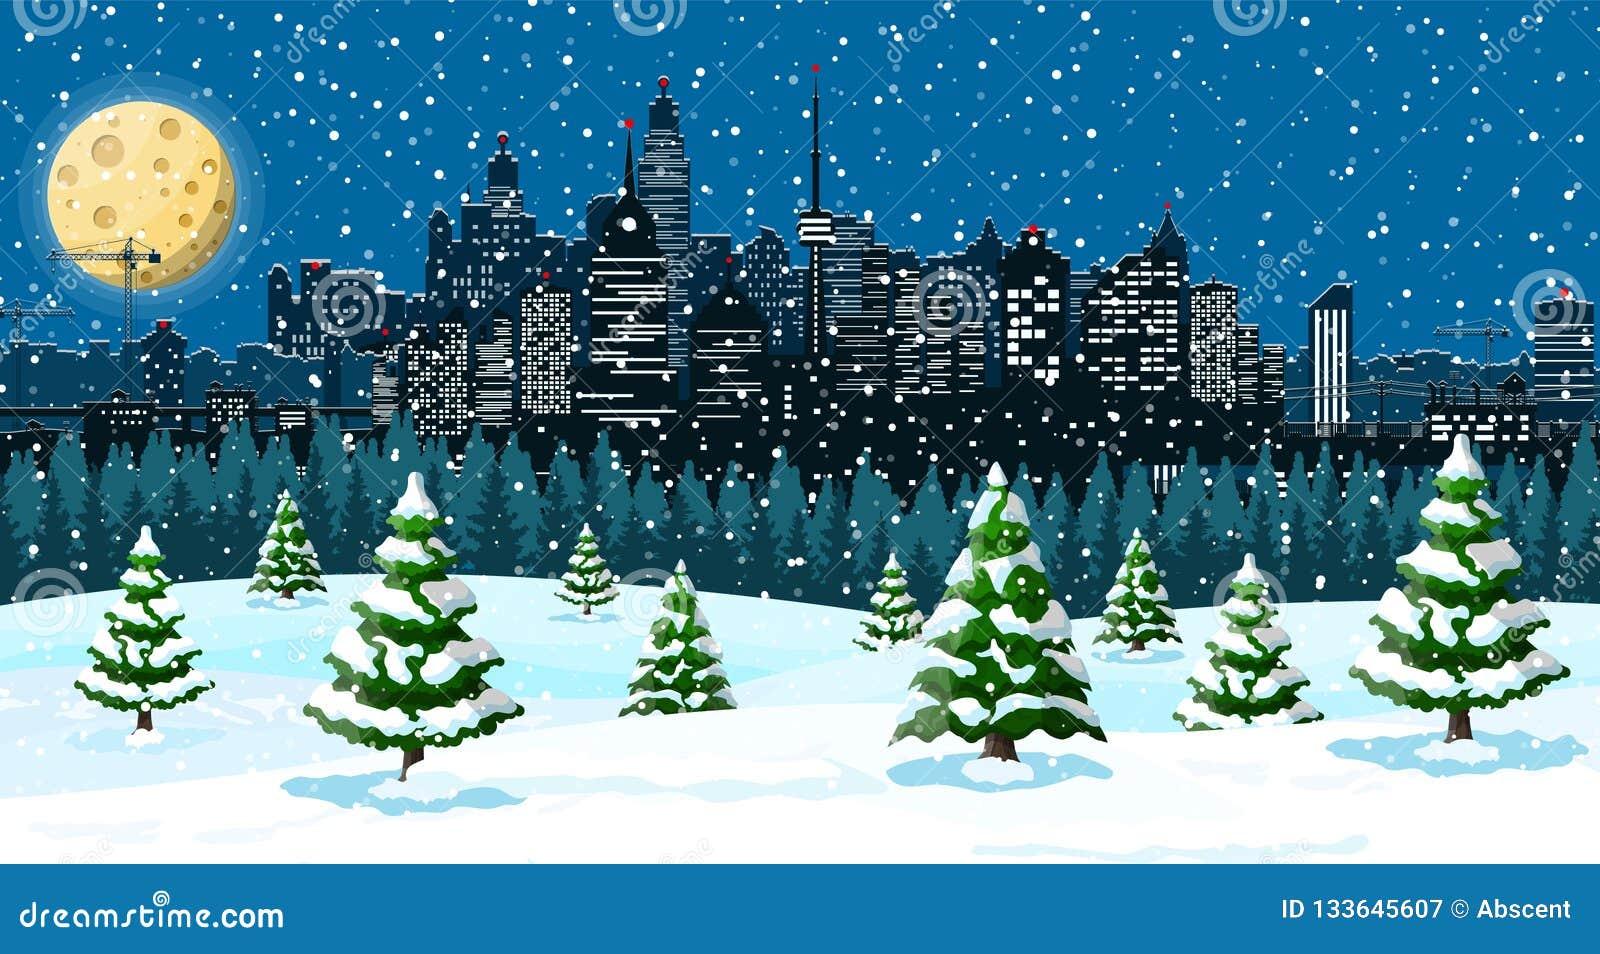 Weihnachtswinterstadtbild, -schneeflocken und -bäume